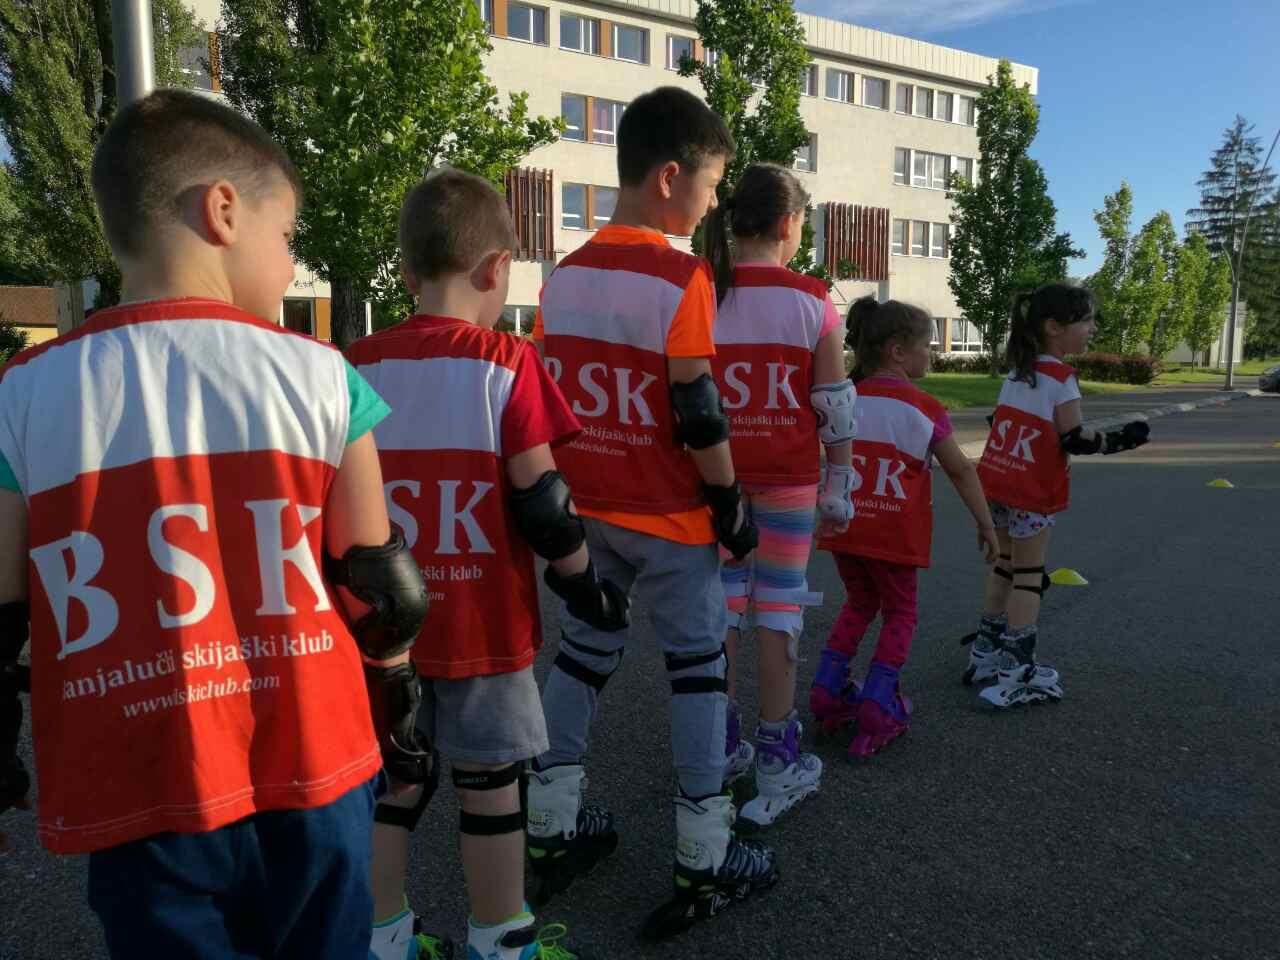 Ski klub BSK - skola rolera 2020-